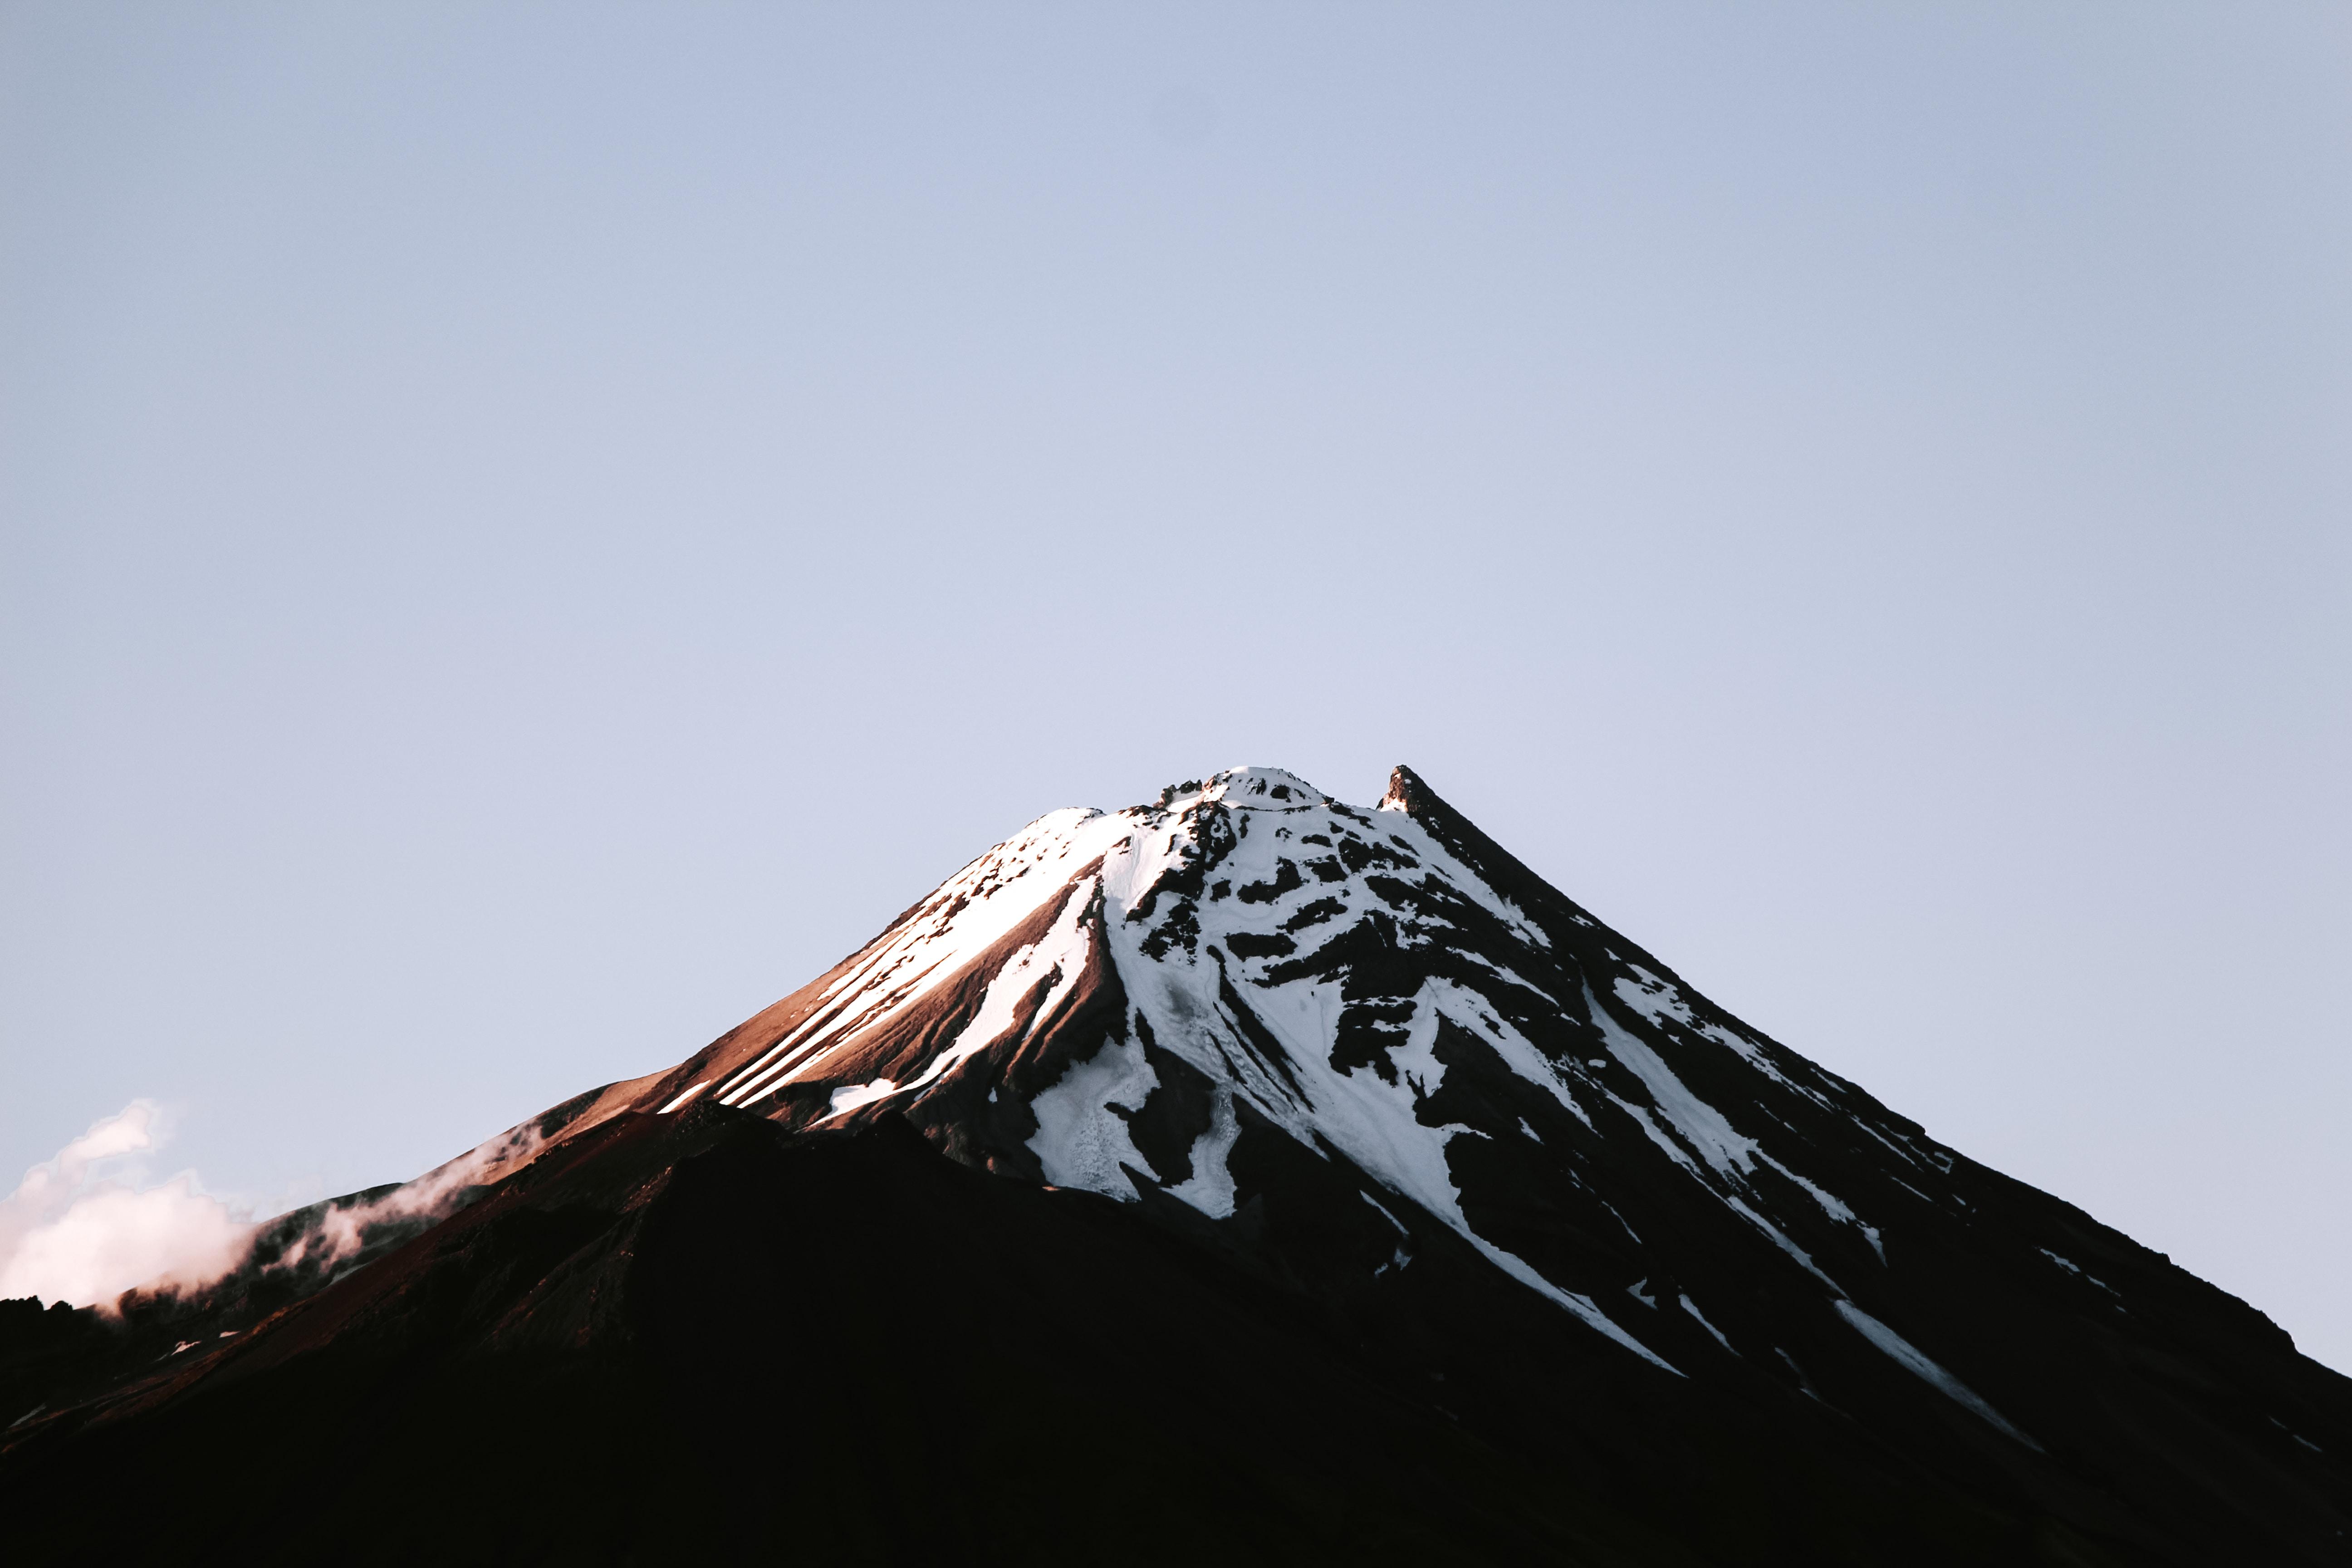 mountain alp under clear sky